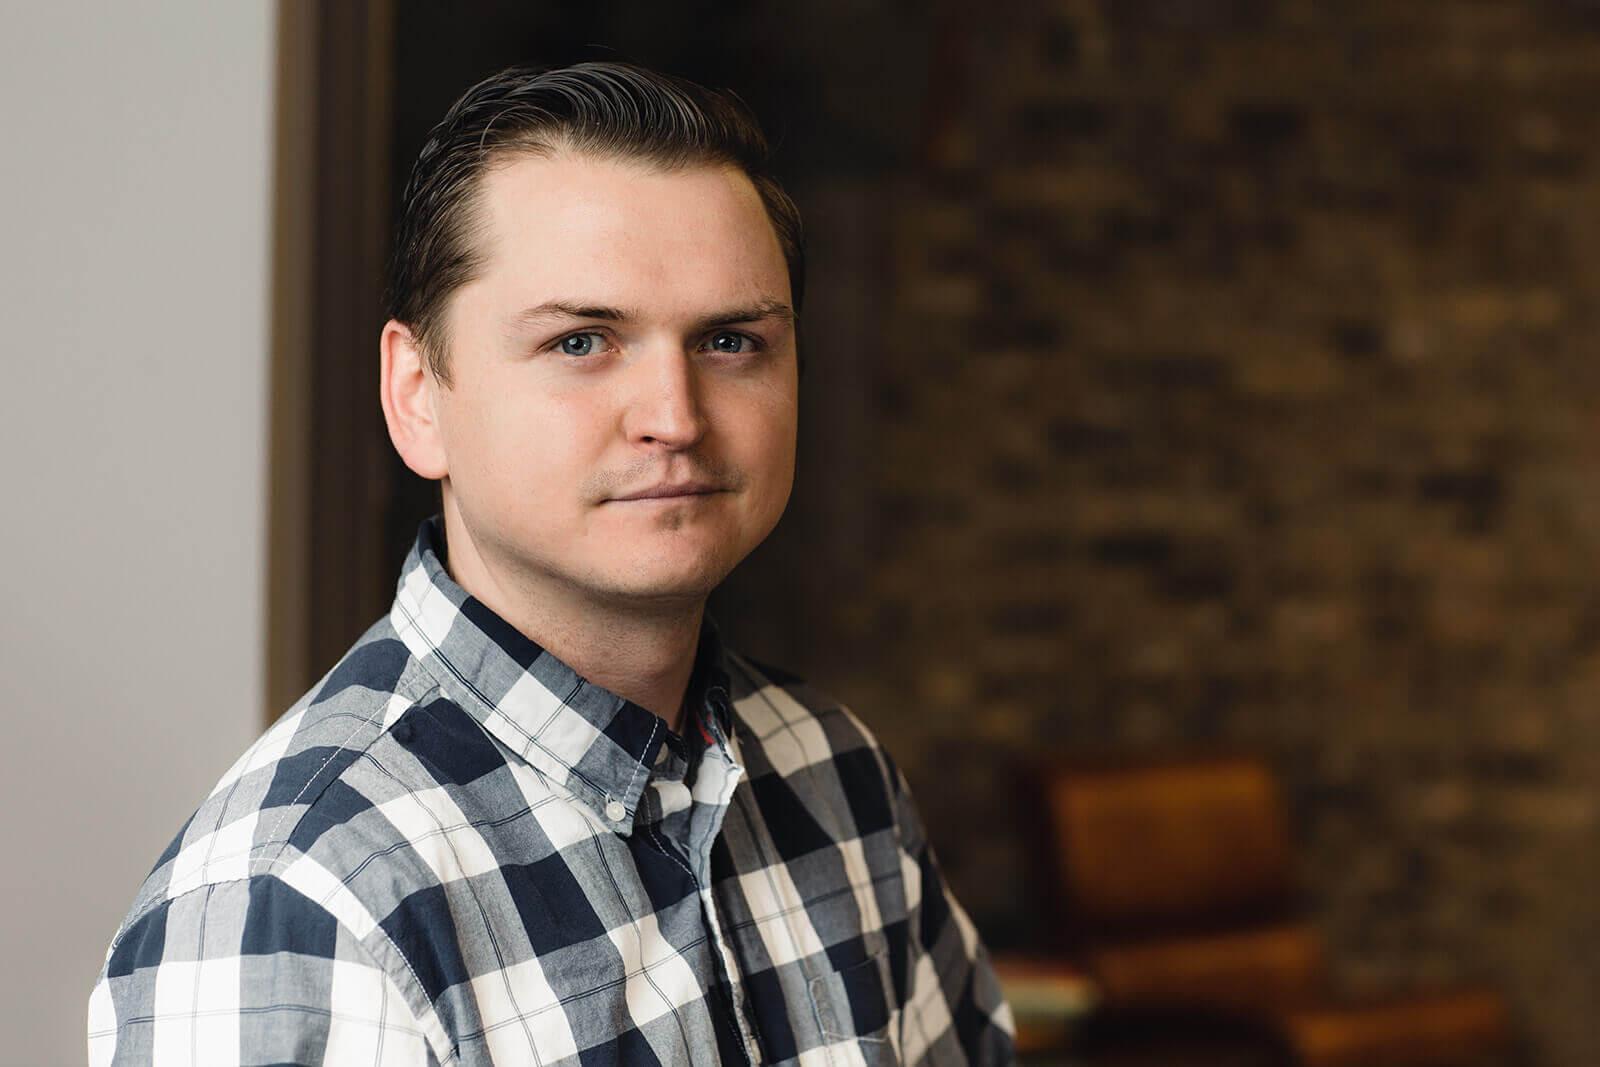 Artem Kalinchuk